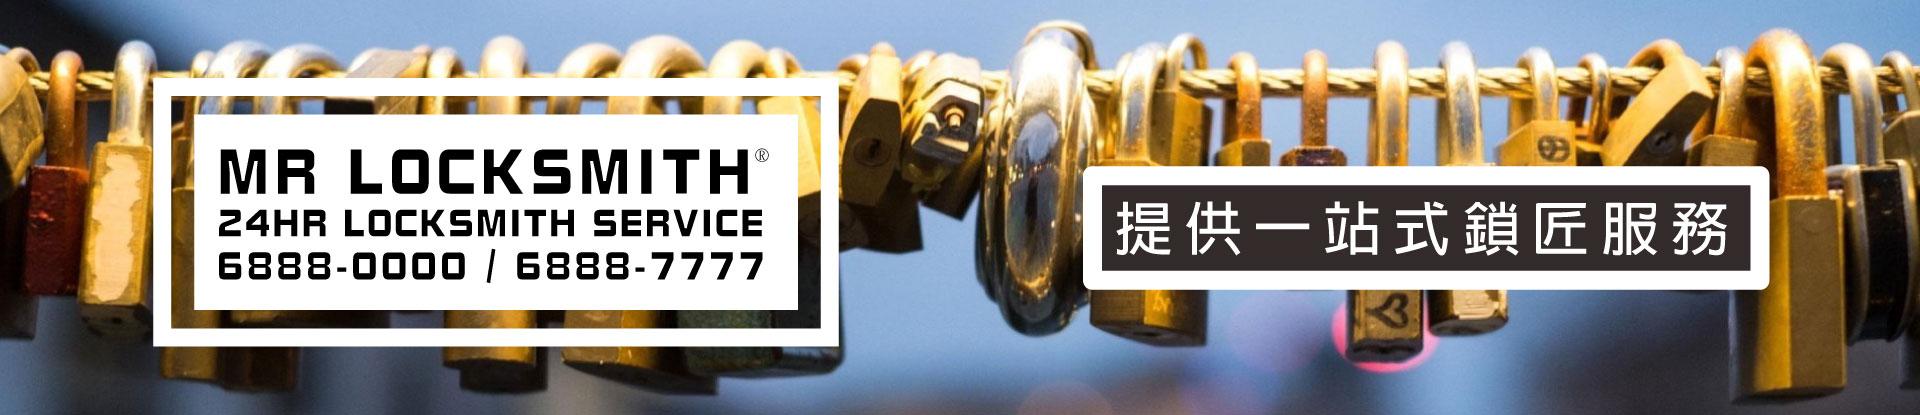 「星級開鎖服務品牌大獎2019」